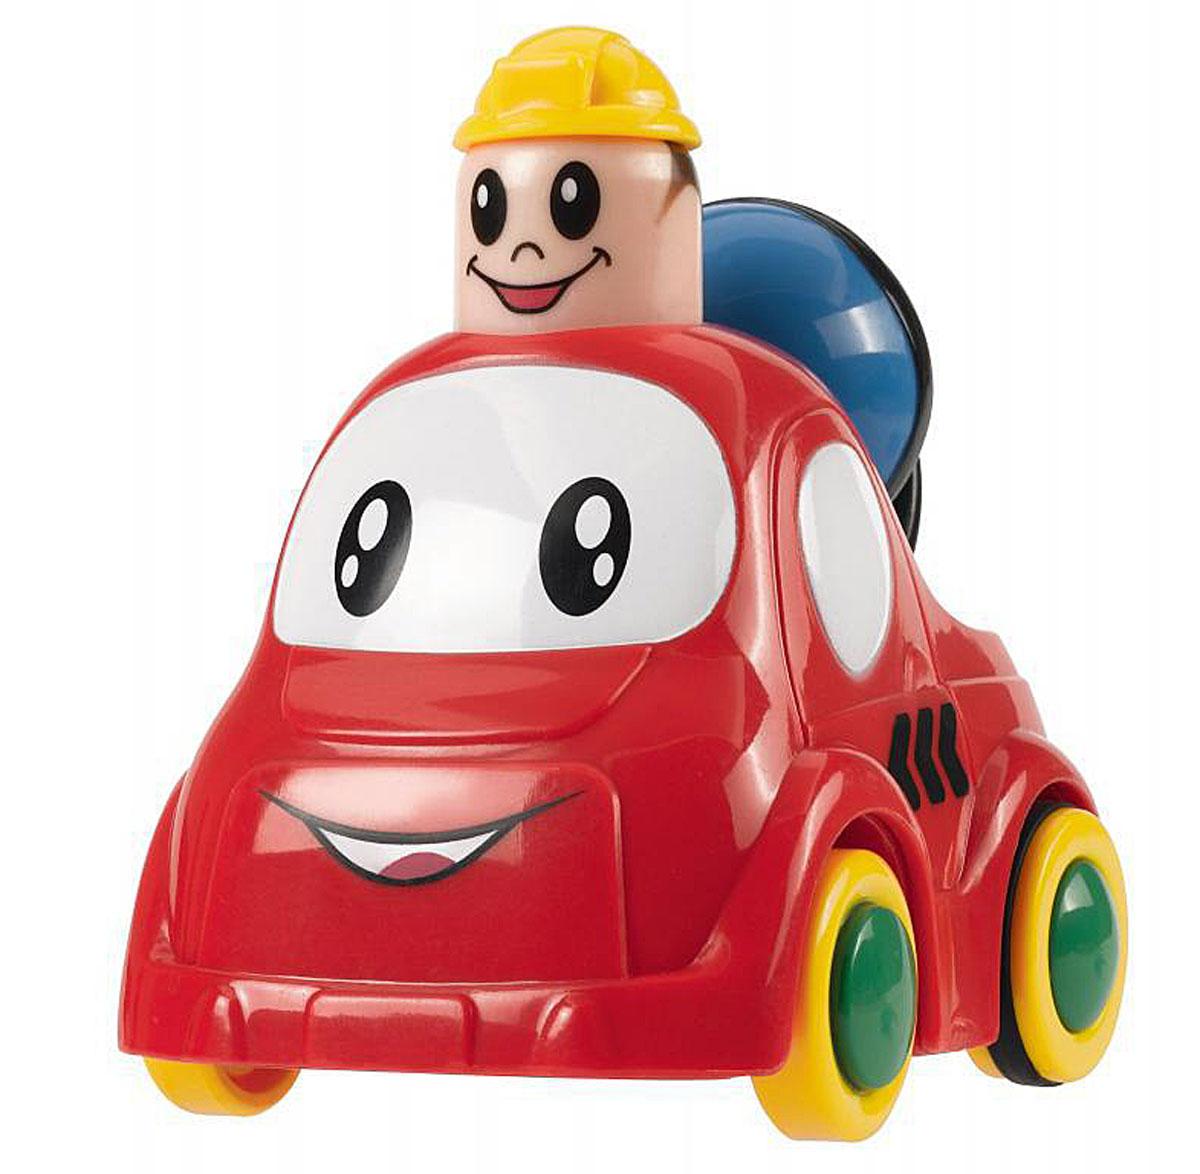 Simba Инерционная Мини-машинка цвет красный4019516_красный шарикМини-машинка Simba привлечет внимание вашего ребенка и надолго останется его любимой игрушкой. Плавные формы без острых углов, яркие цвета - все это выгодно выделяет эту игрушку из ряда подобных. Кузов дополнен крутящимся сине-зеленым шариком. Игрушка оснащена инерционным ходом. Необходимо нажать на голову водителя и отпустить - и машинка быстро поедет вперед. Машинка развивает концентрацию внимания, координацию движений, мелкую моторику рук, цветовое восприятие и воображение. Малыш будет часами играть с этой игрушкой, придумывая разные истории.